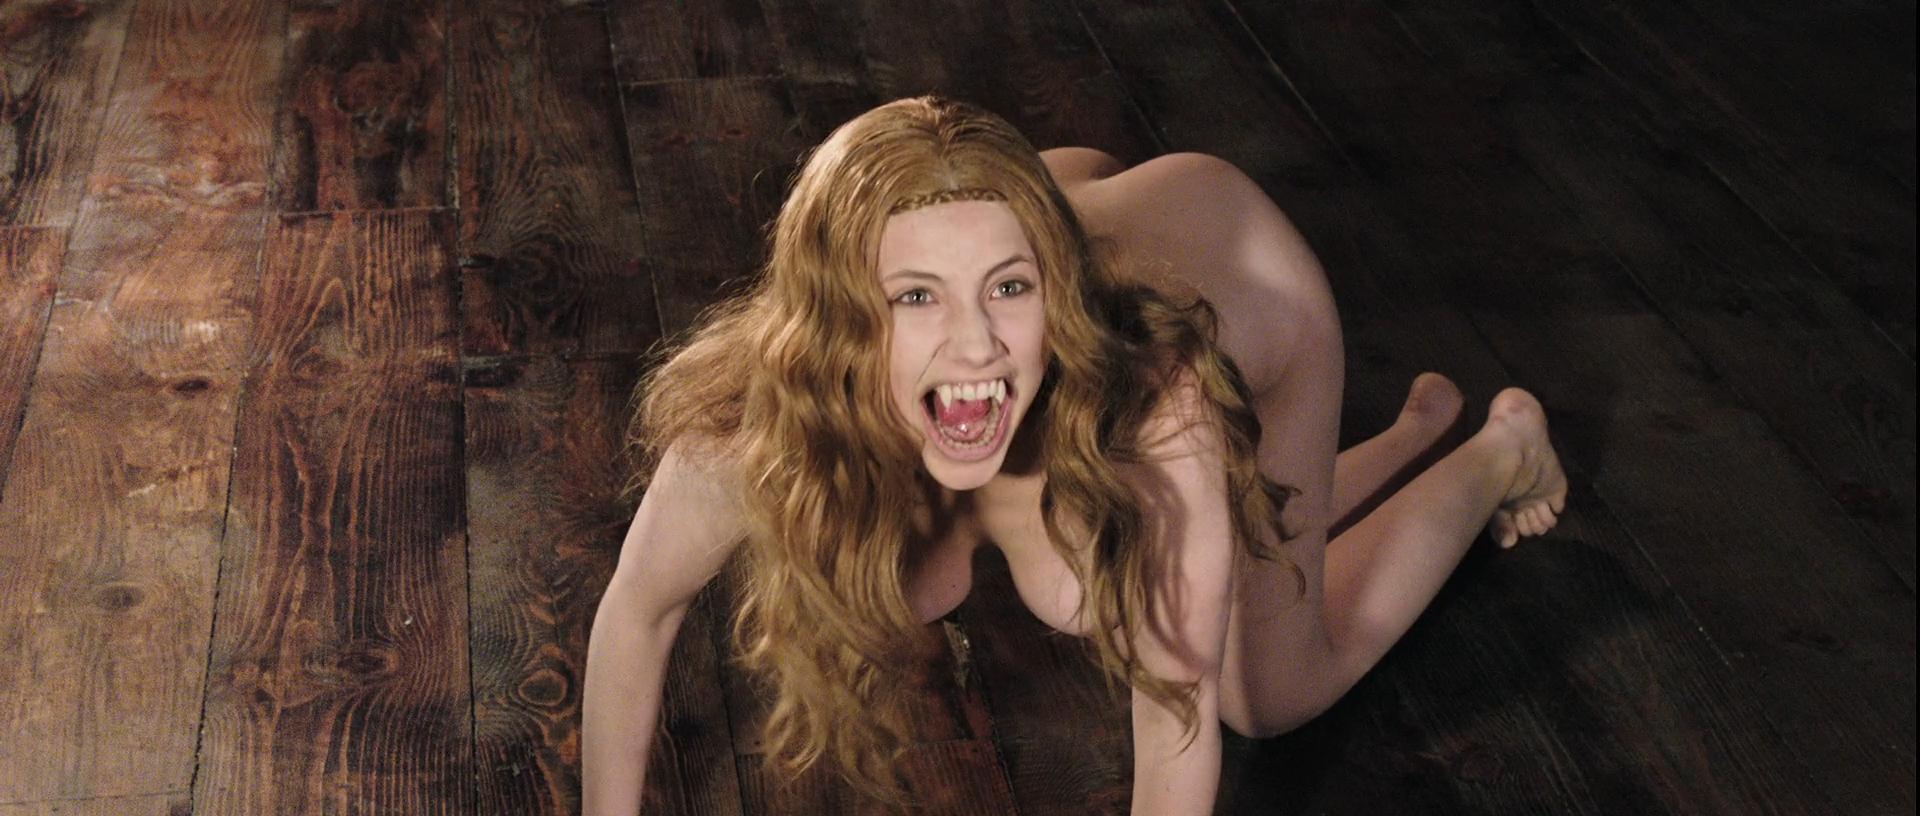 Miriam Giovanelli videos desnuda